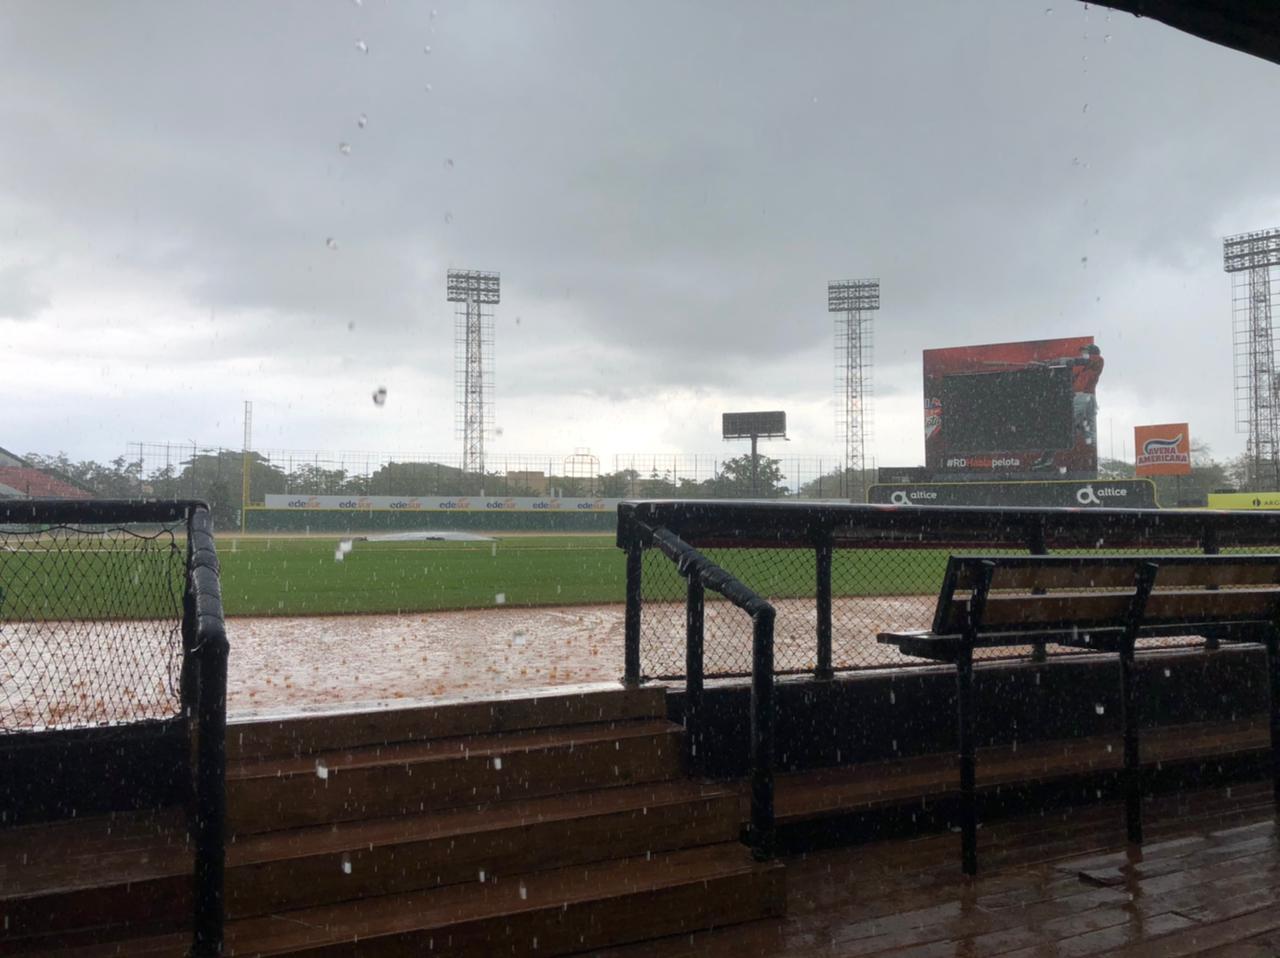 Suspendida por lluvia primera práctica de preselección RD de beisbol